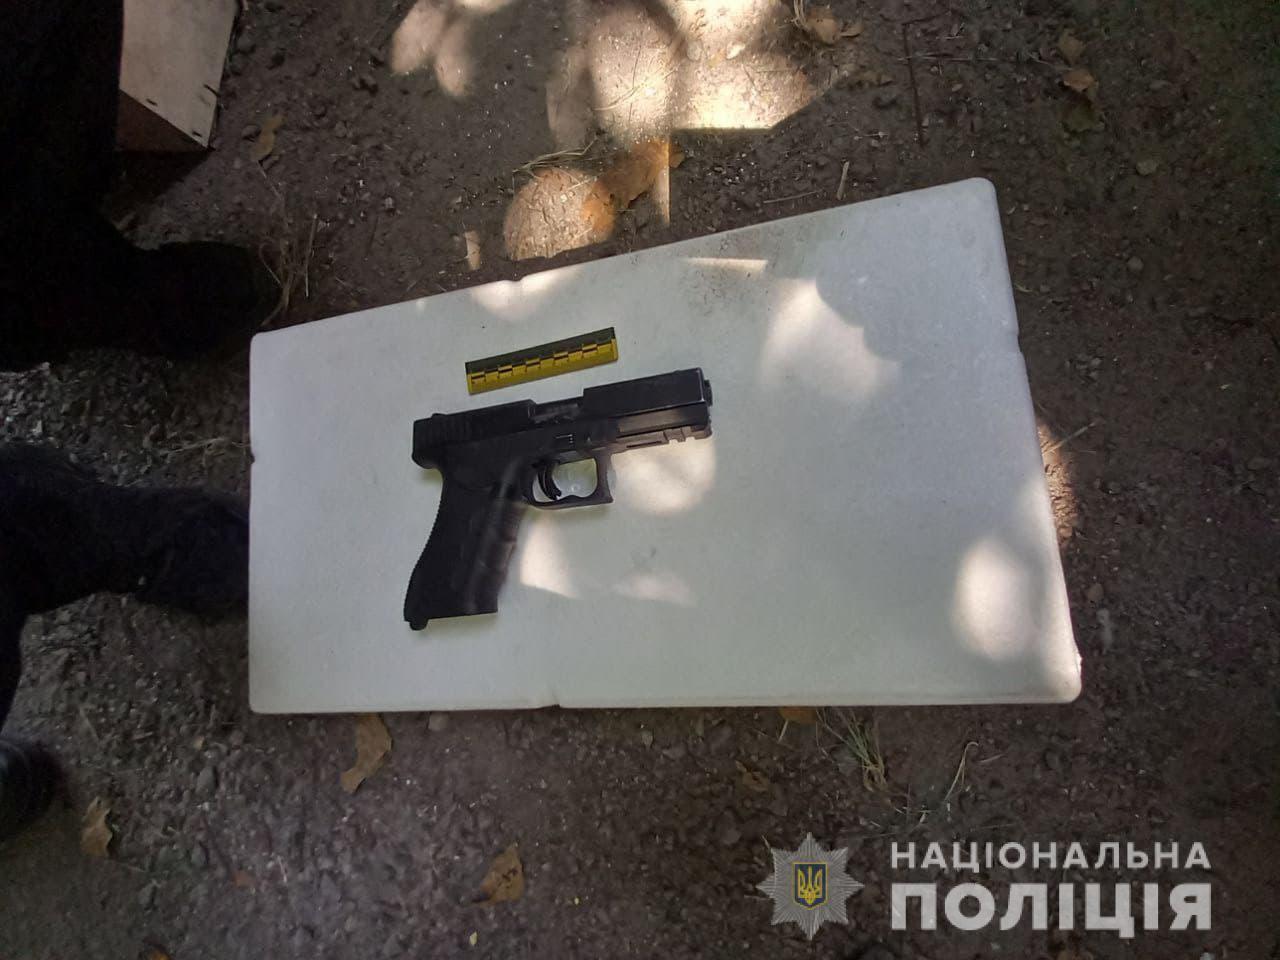 Злоумышленник стрелял из пистолета